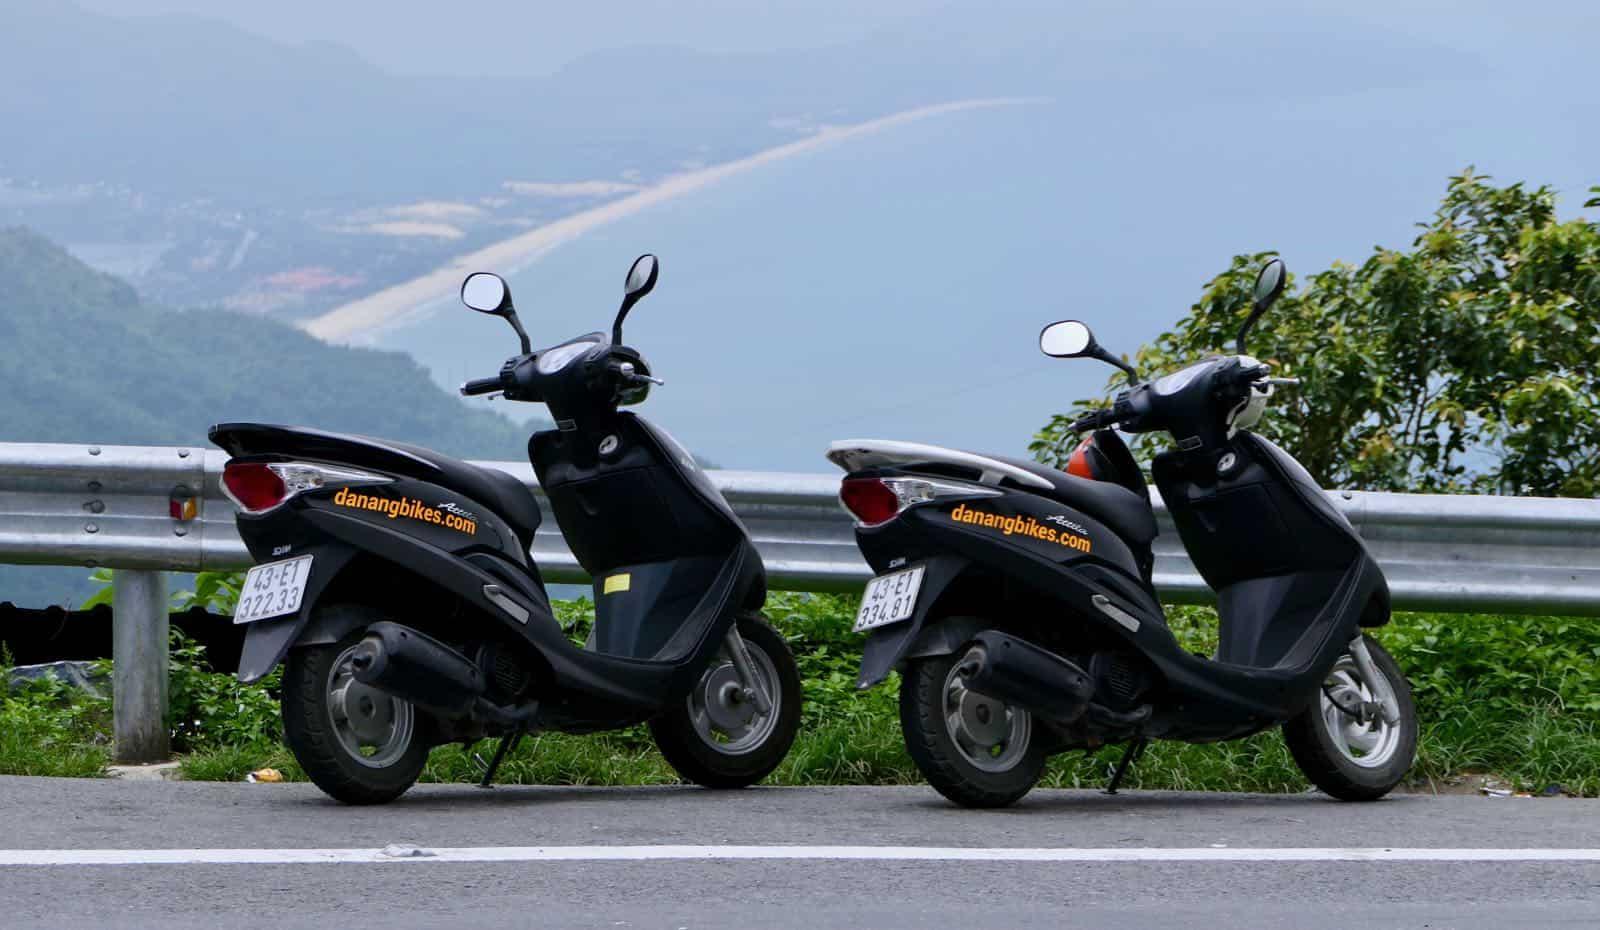 Da Nang Bikes Hai Van Pass Vietnam scooter fun betternotstop